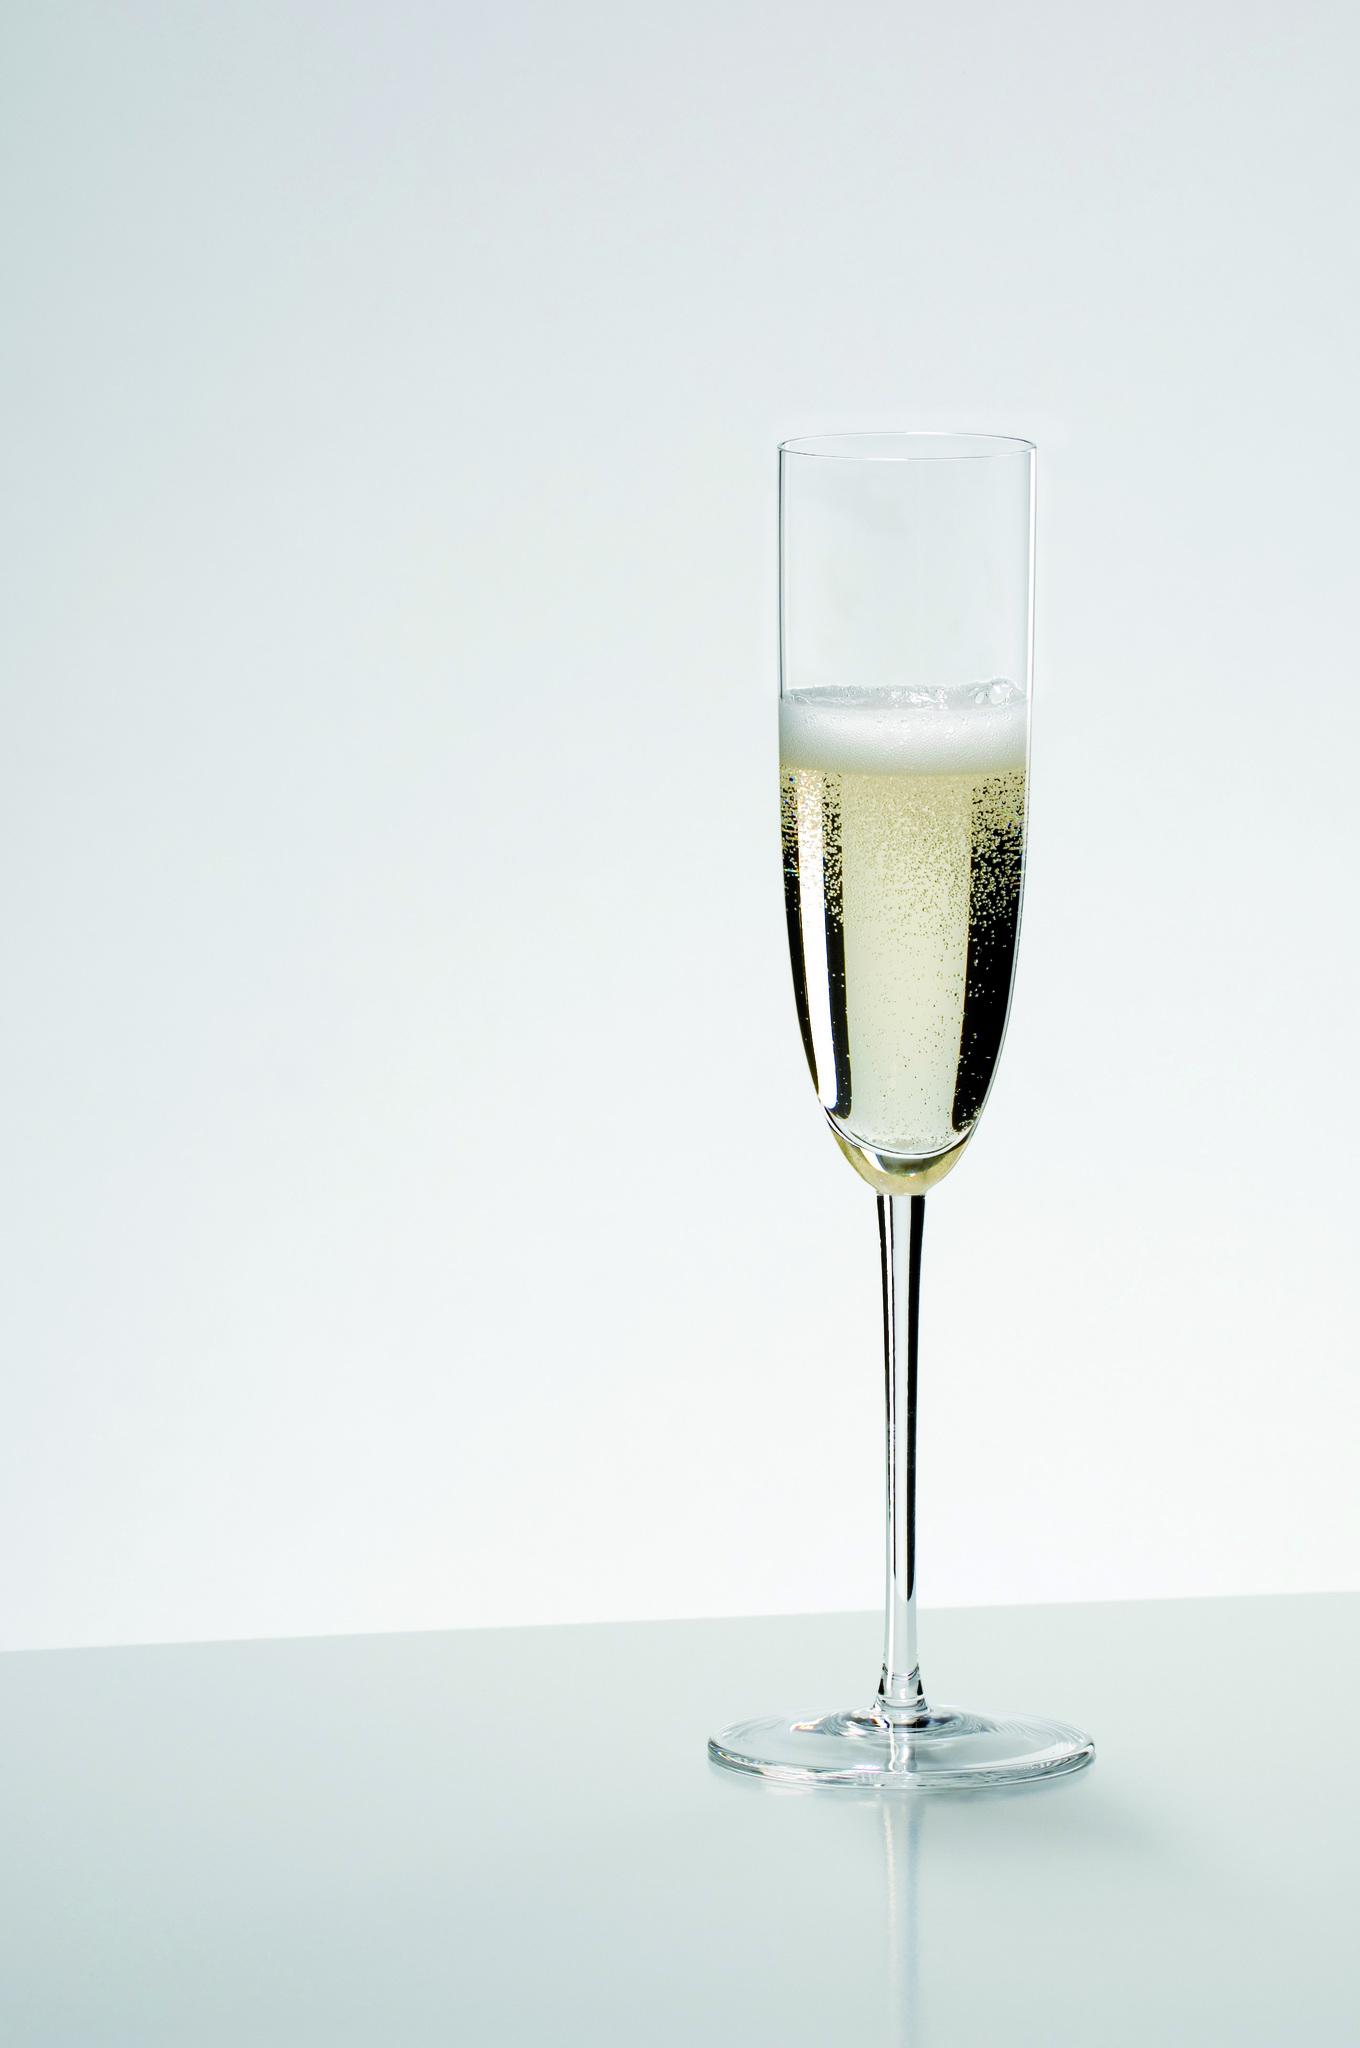 Бокалы Бокал для шампанского 170мл Riedel Sommeliers Champagne bokal-dlya-shampanskogo-170-ml-riedel-champagne-avstriya.jpg